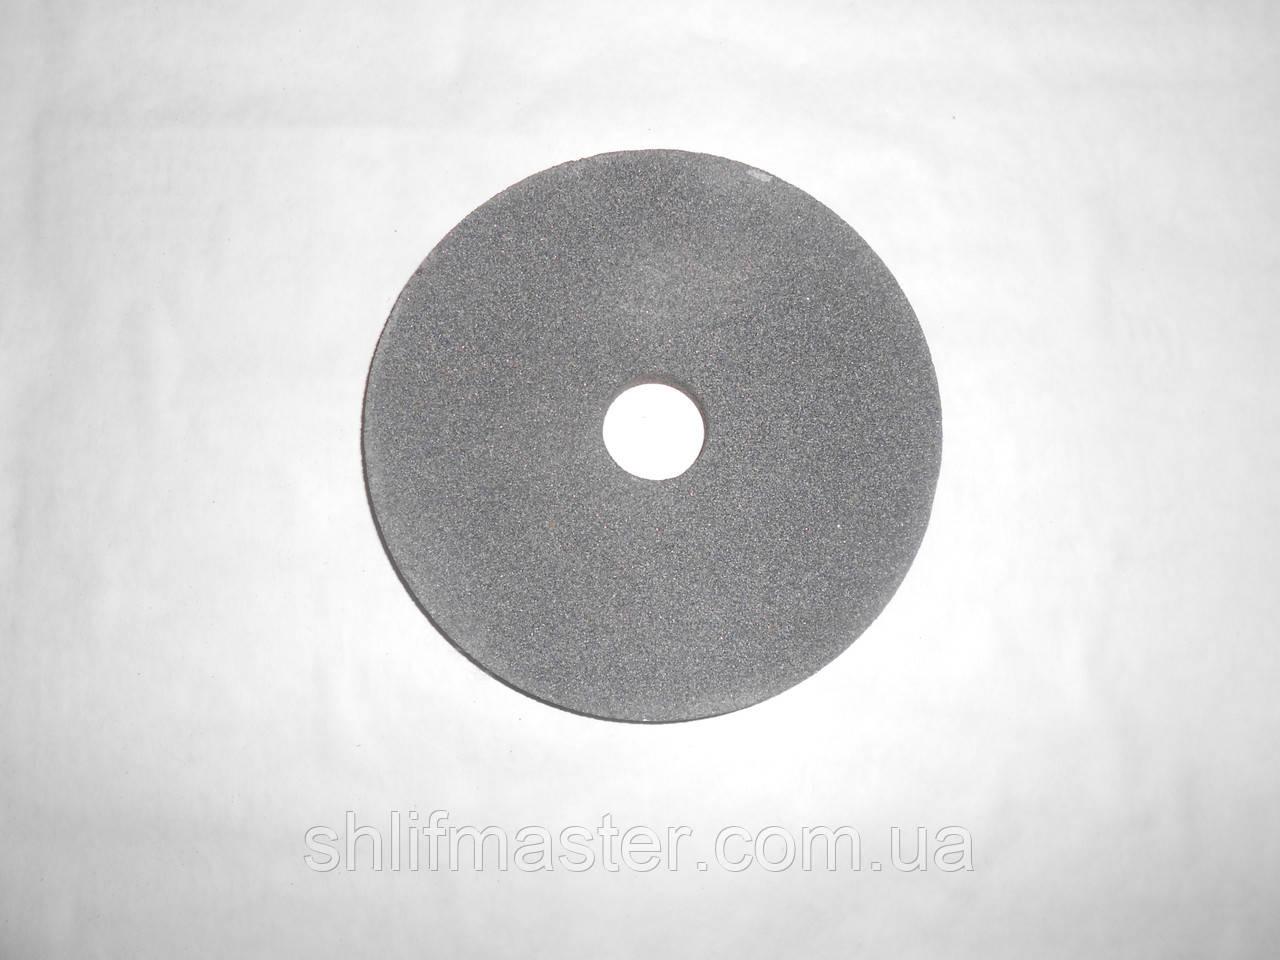 Круг шлифовальный 14А (электрокорунд серый) ПП на керамической связке 63х13х16 16 С, 90С